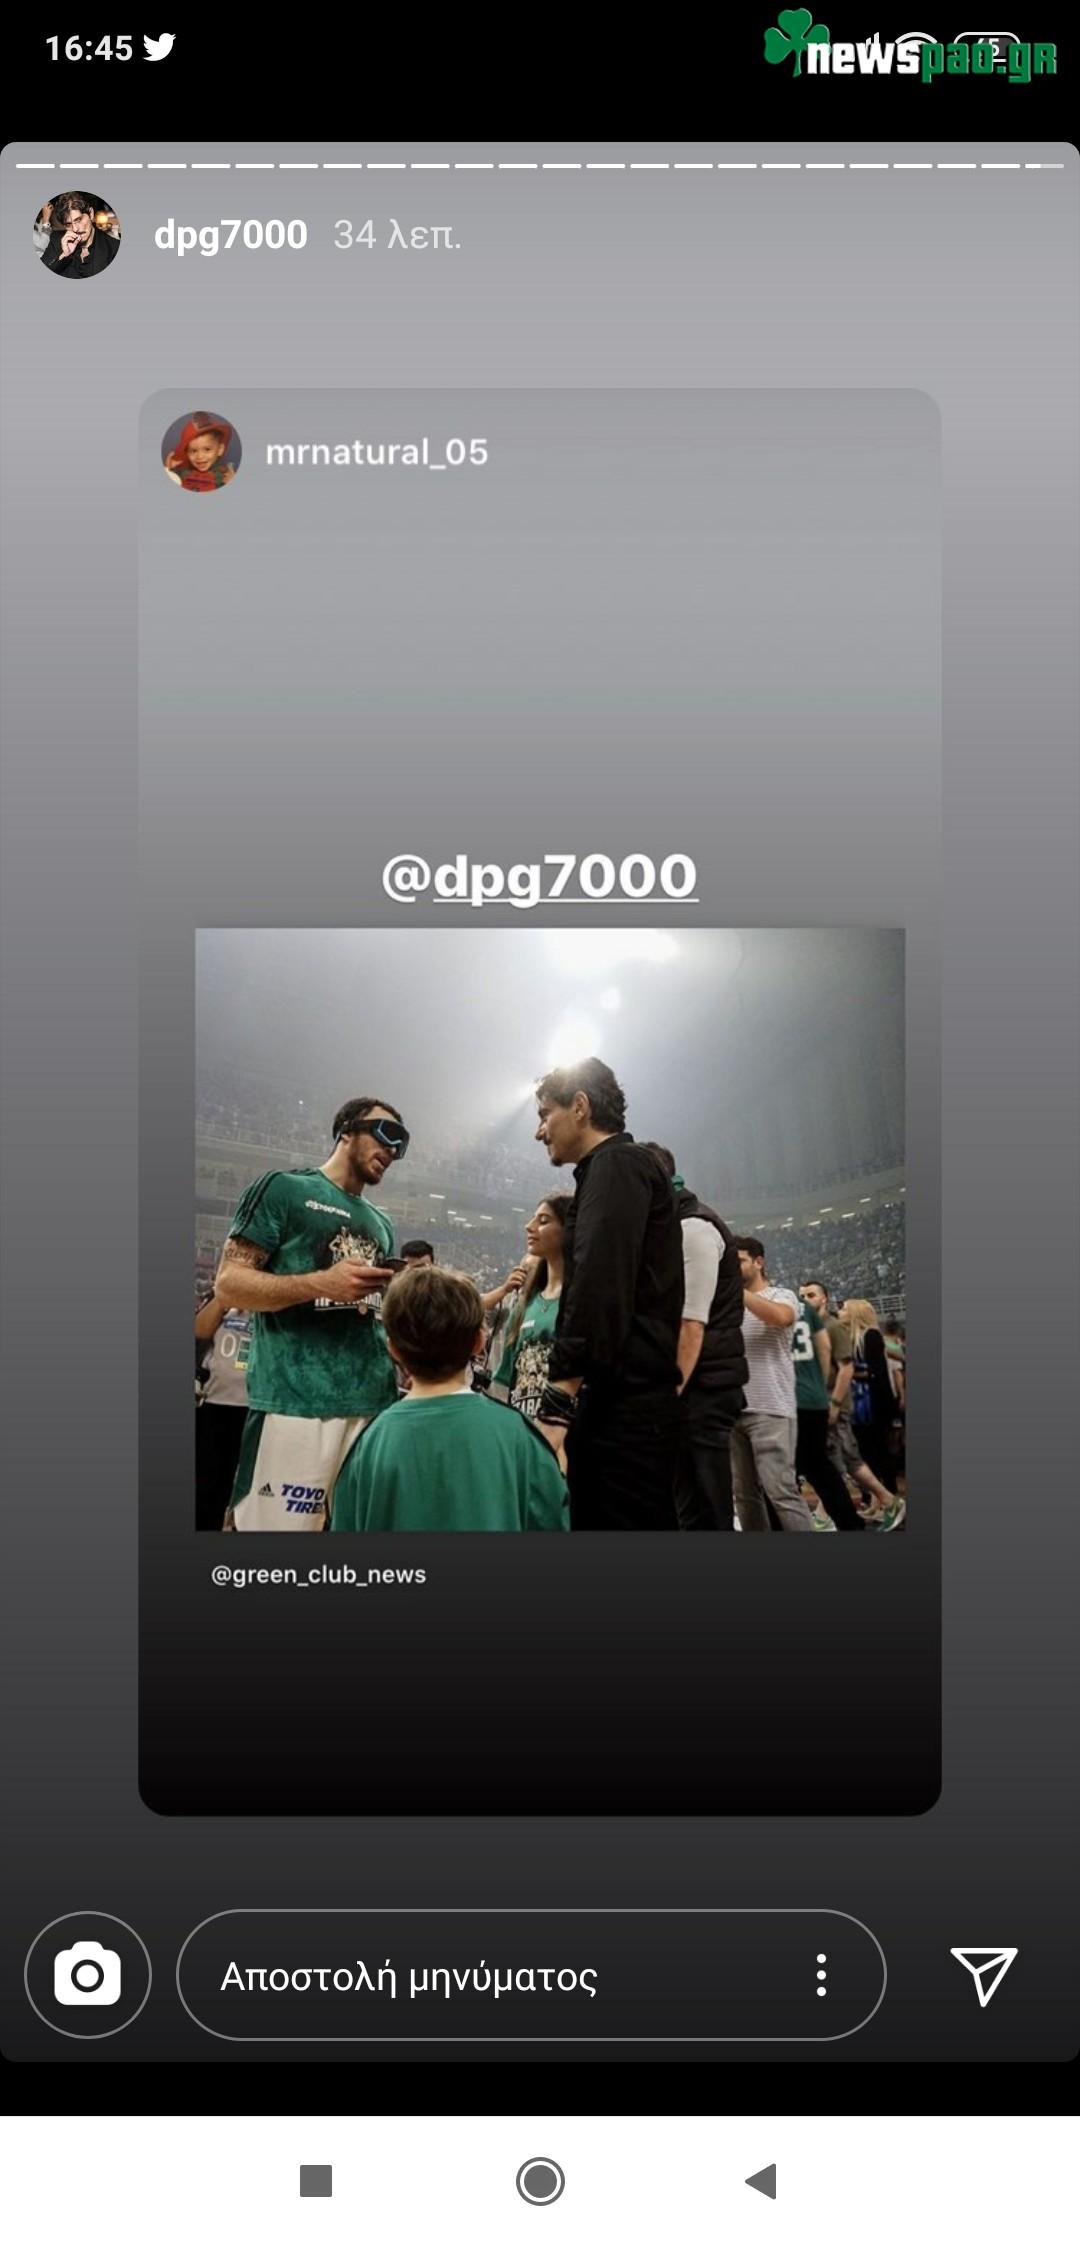 «Μπάλα» Γιαννακόπουλου-Τζέιμς στο instagram (pic)